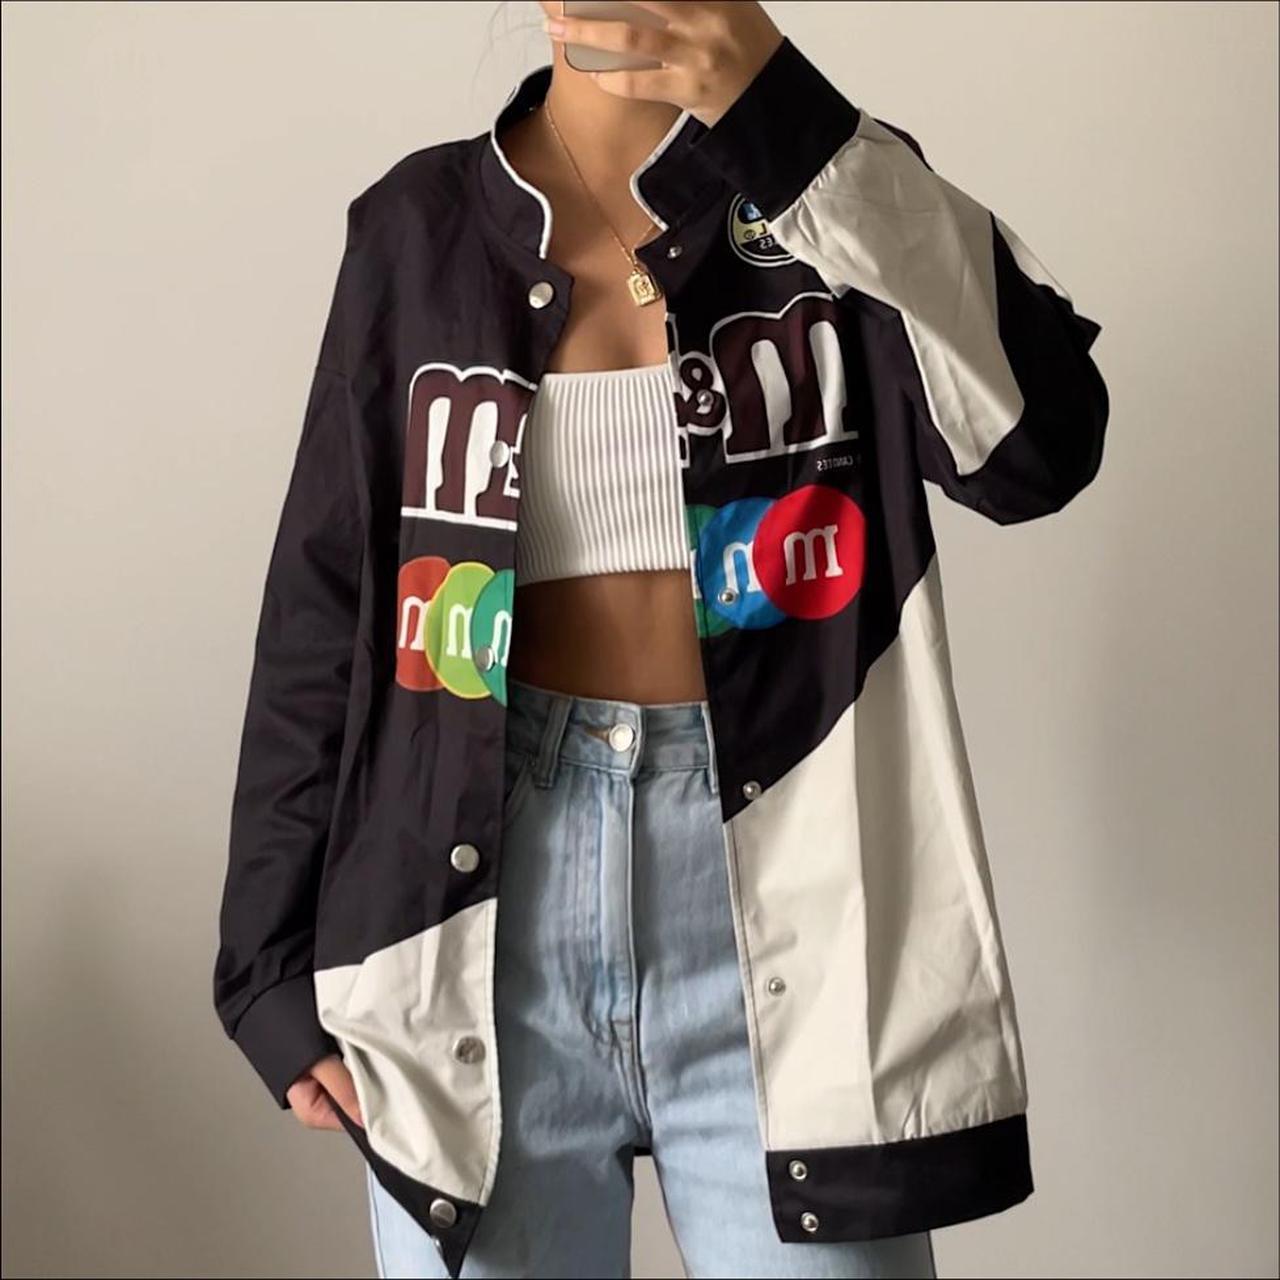 Product Image 1 - M&M bomber/ racer style jacket.